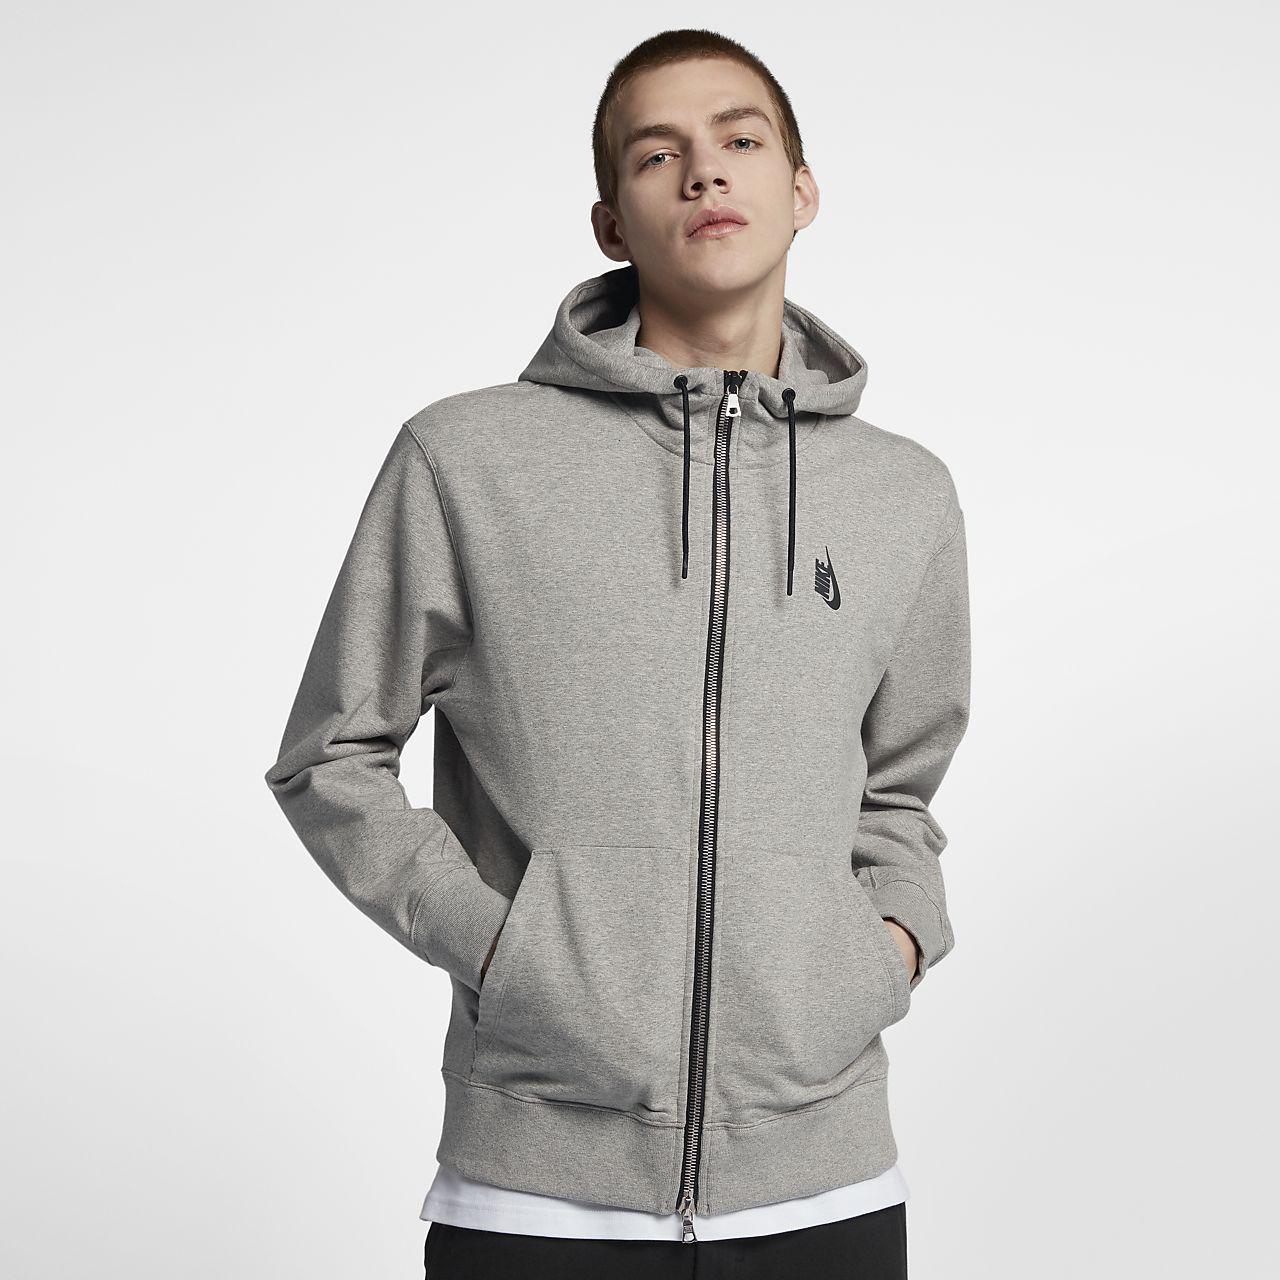 NikeLab Collection 男子全拉链连帽衫